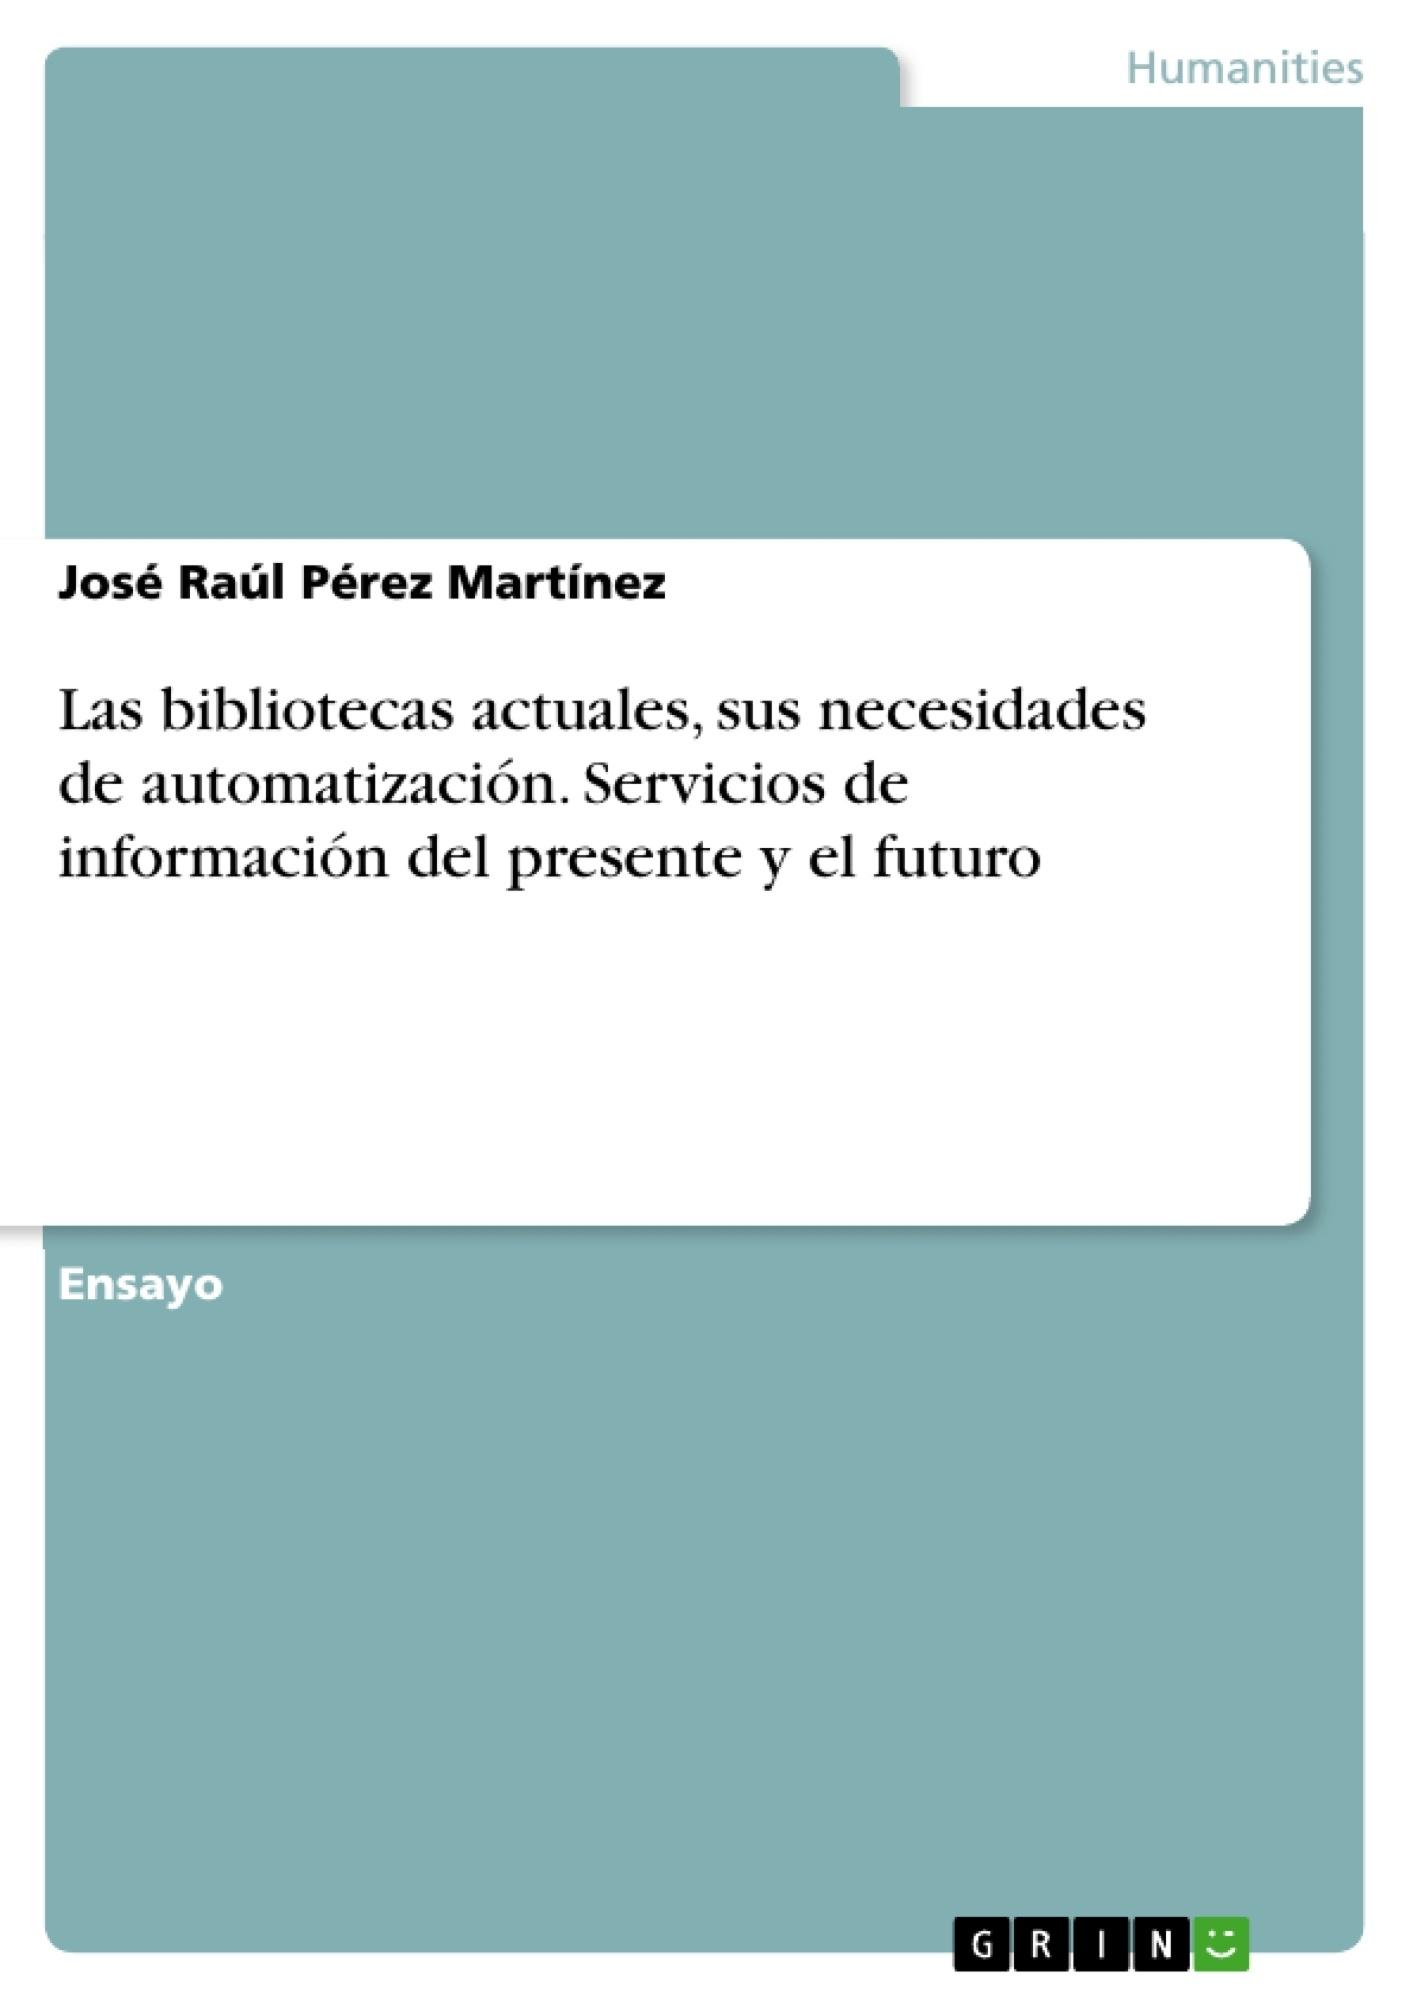 Título: Las bibliotecas actuales, sus necesidades de automatización. Servicios de información del presente y el futuro